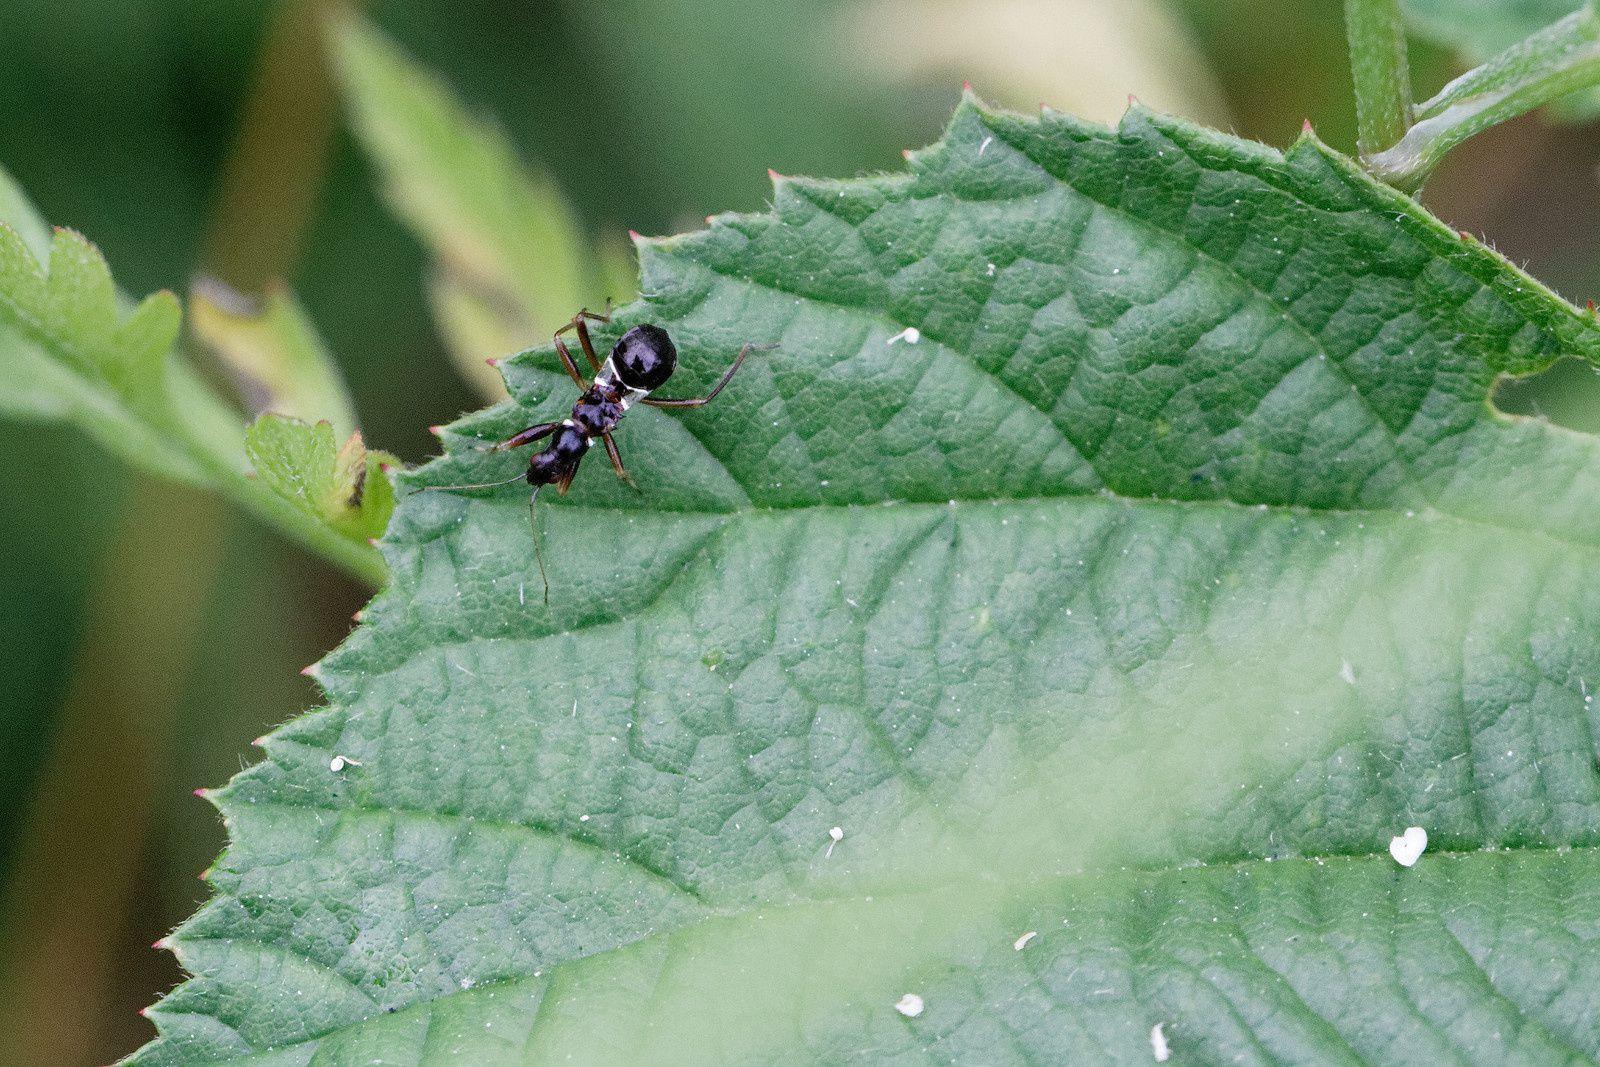 nouveauté ! 27/05/18 - expertise : une Punaise juvénile : Himacerus mirmicoides